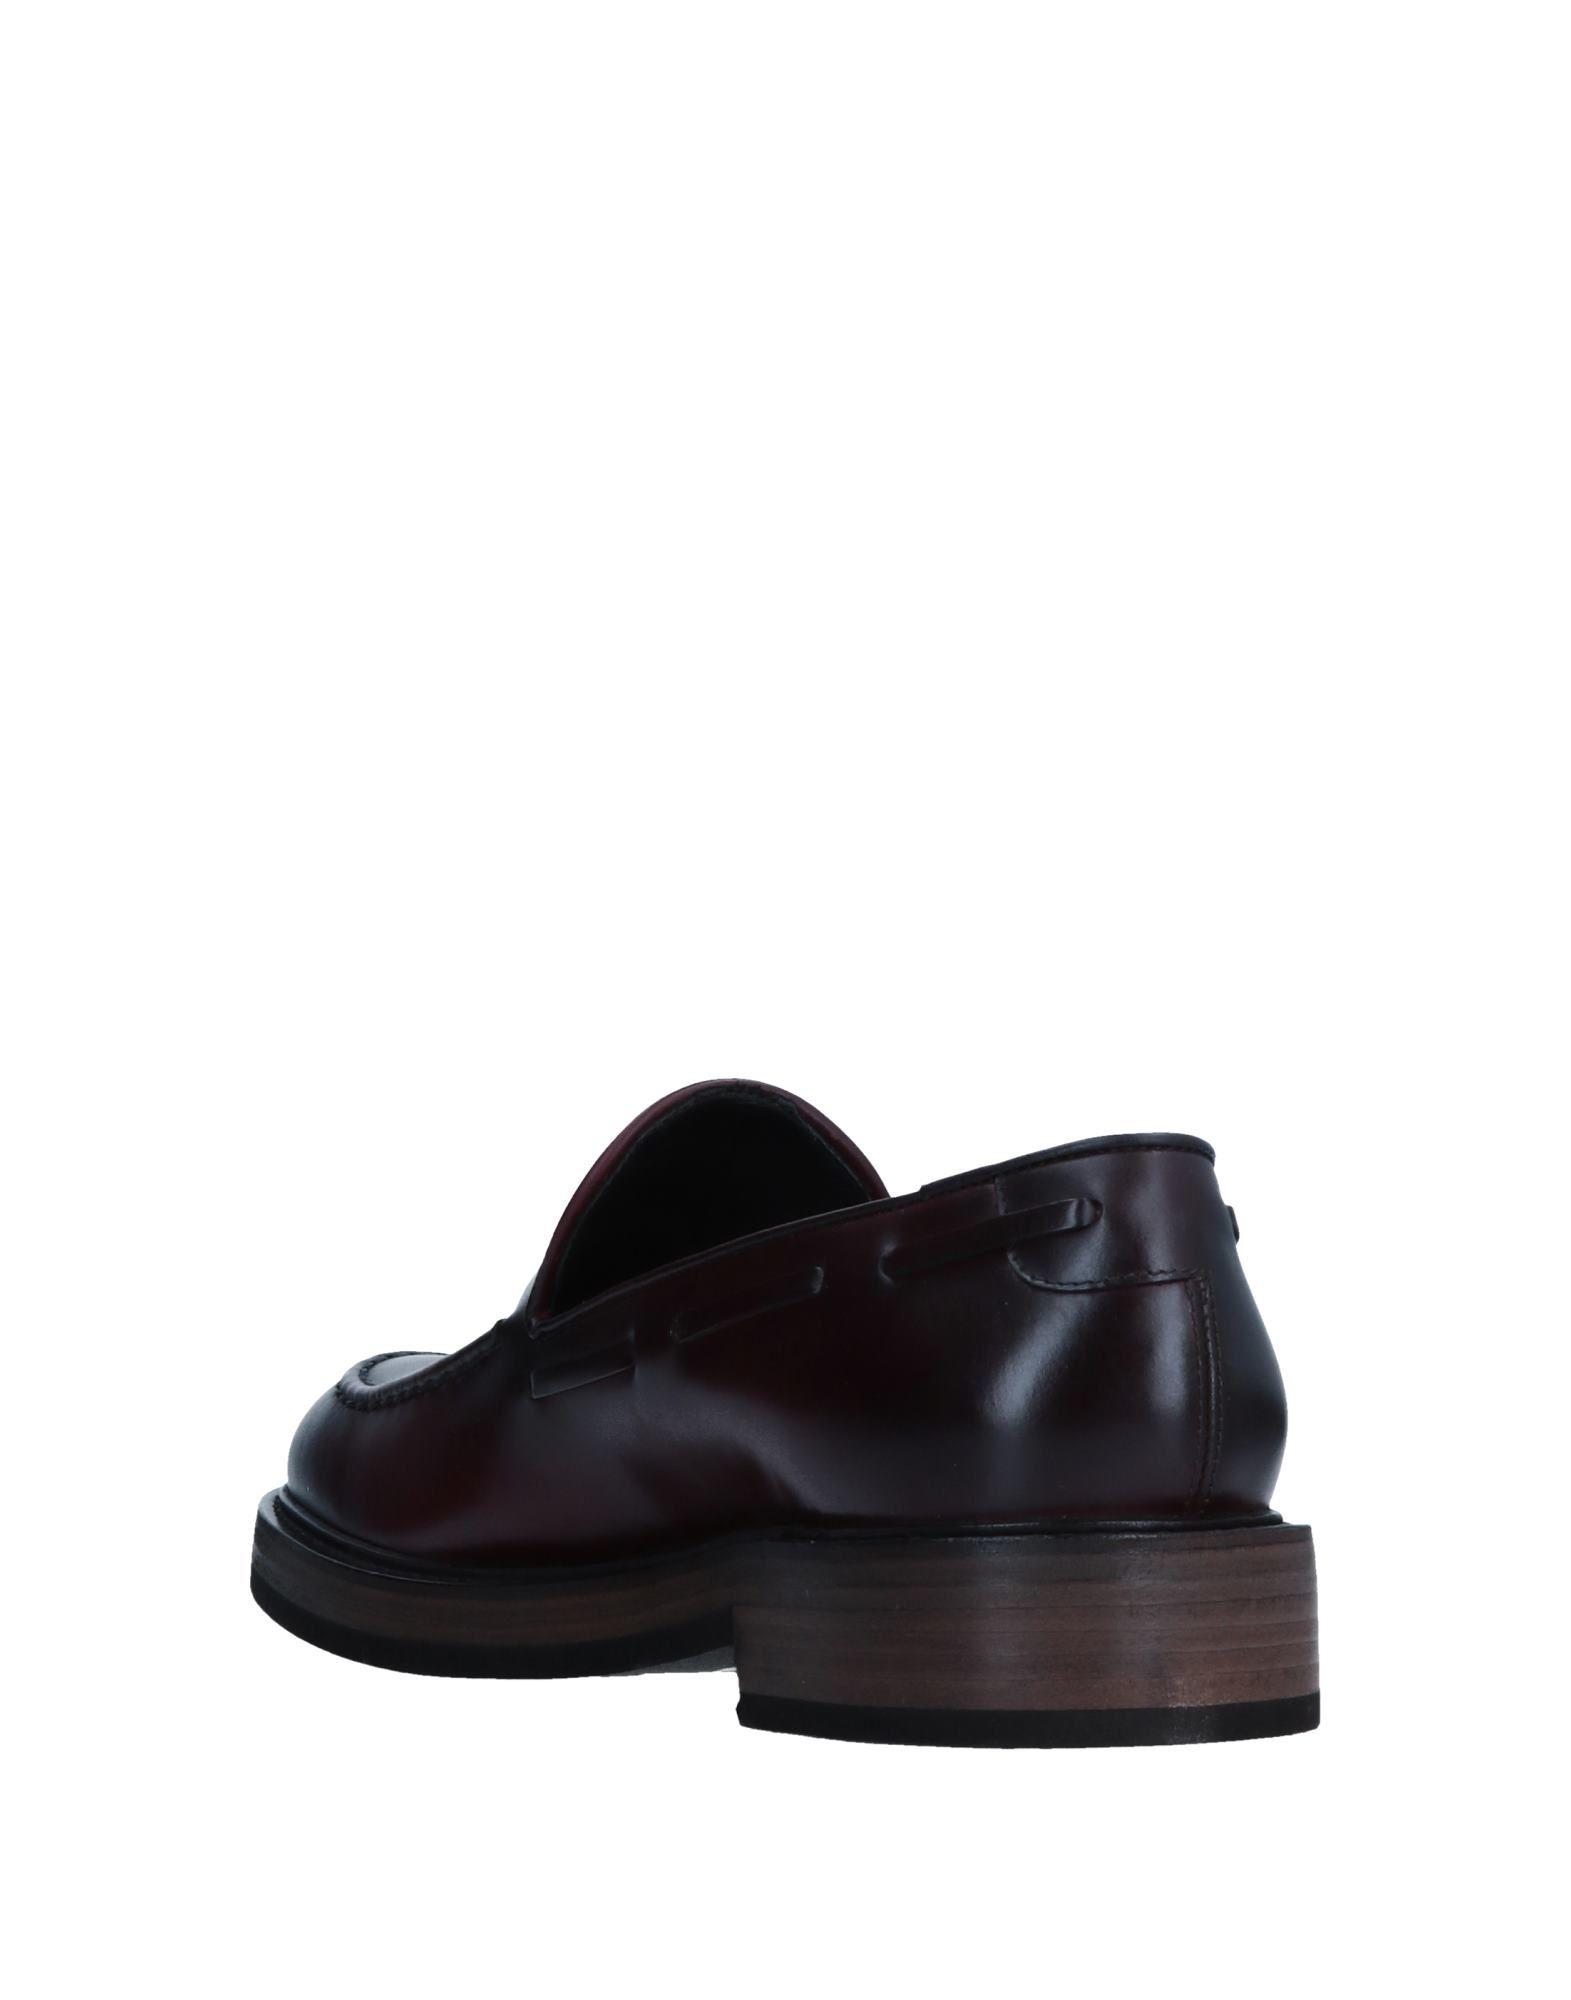 Fratelli Rossetti Mokassins Herren beliebte  11557887NO Gute Qualität beliebte Herren Schuhe ff1735